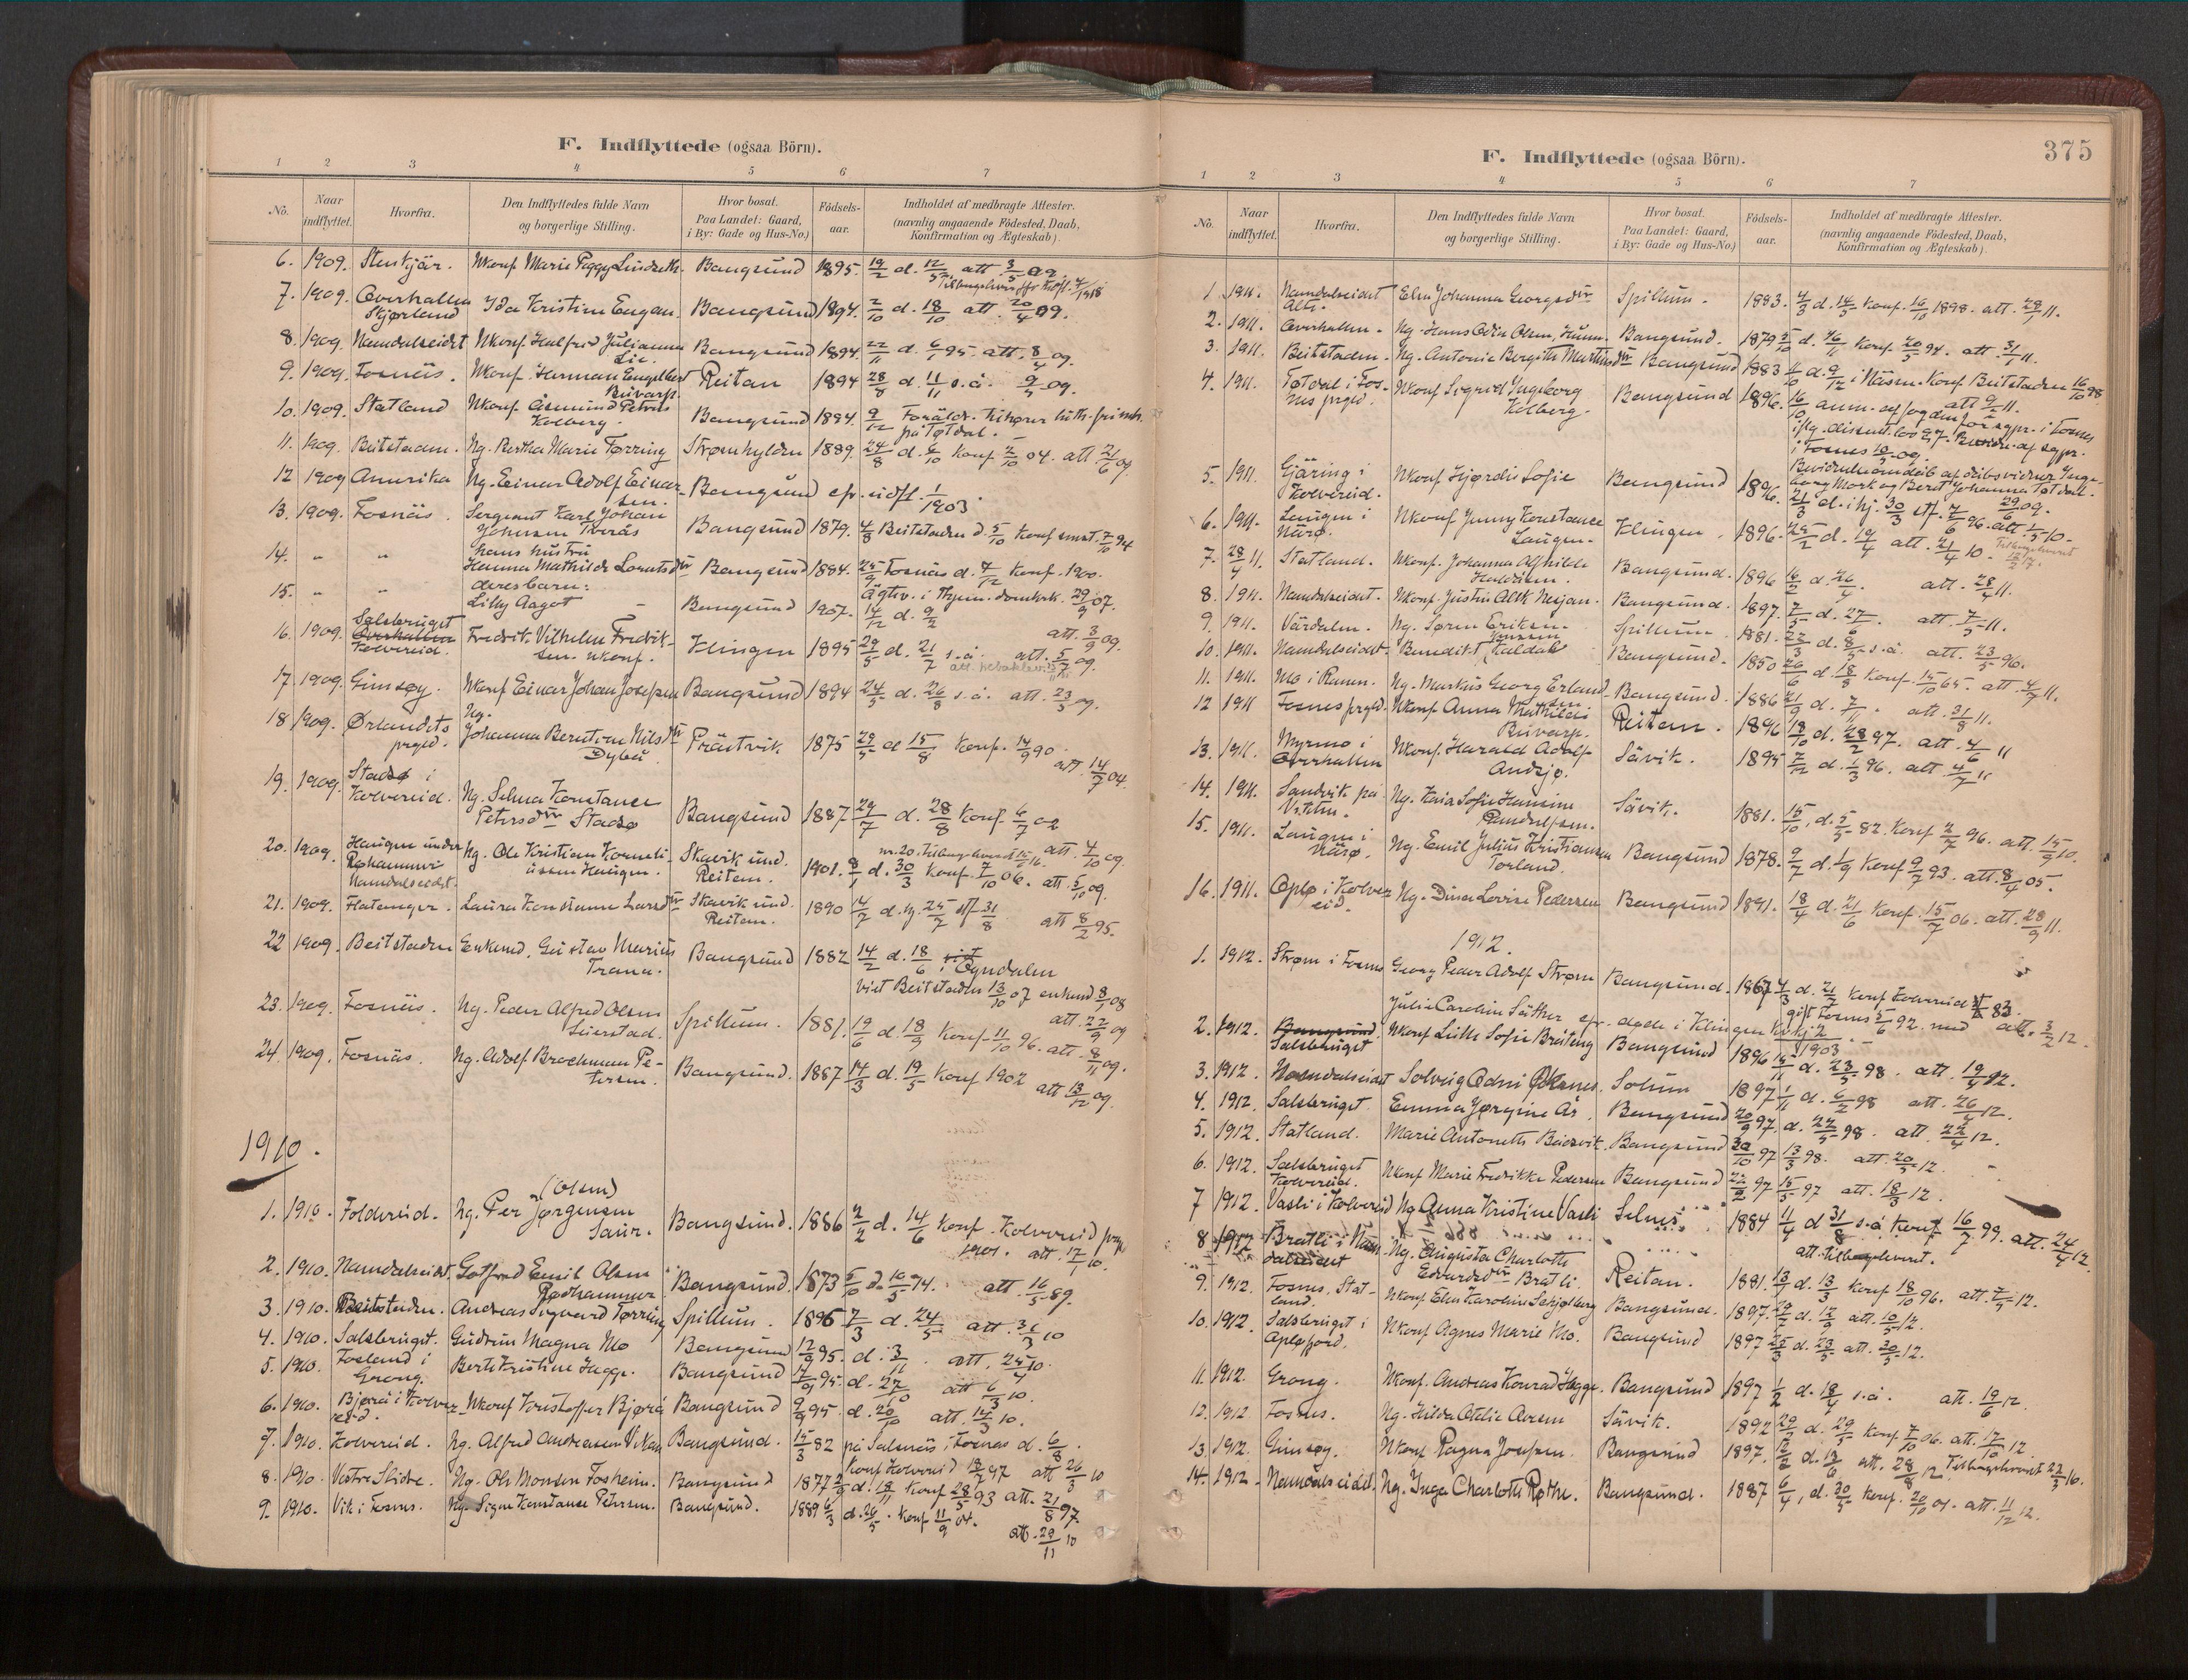 SAT, Ministerialprotokoller, klokkerbøker og fødselsregistre - Nord-Trøndelag, 770/L0589: Ministerialbok nr. 770A03, 1887-1929, s. 375